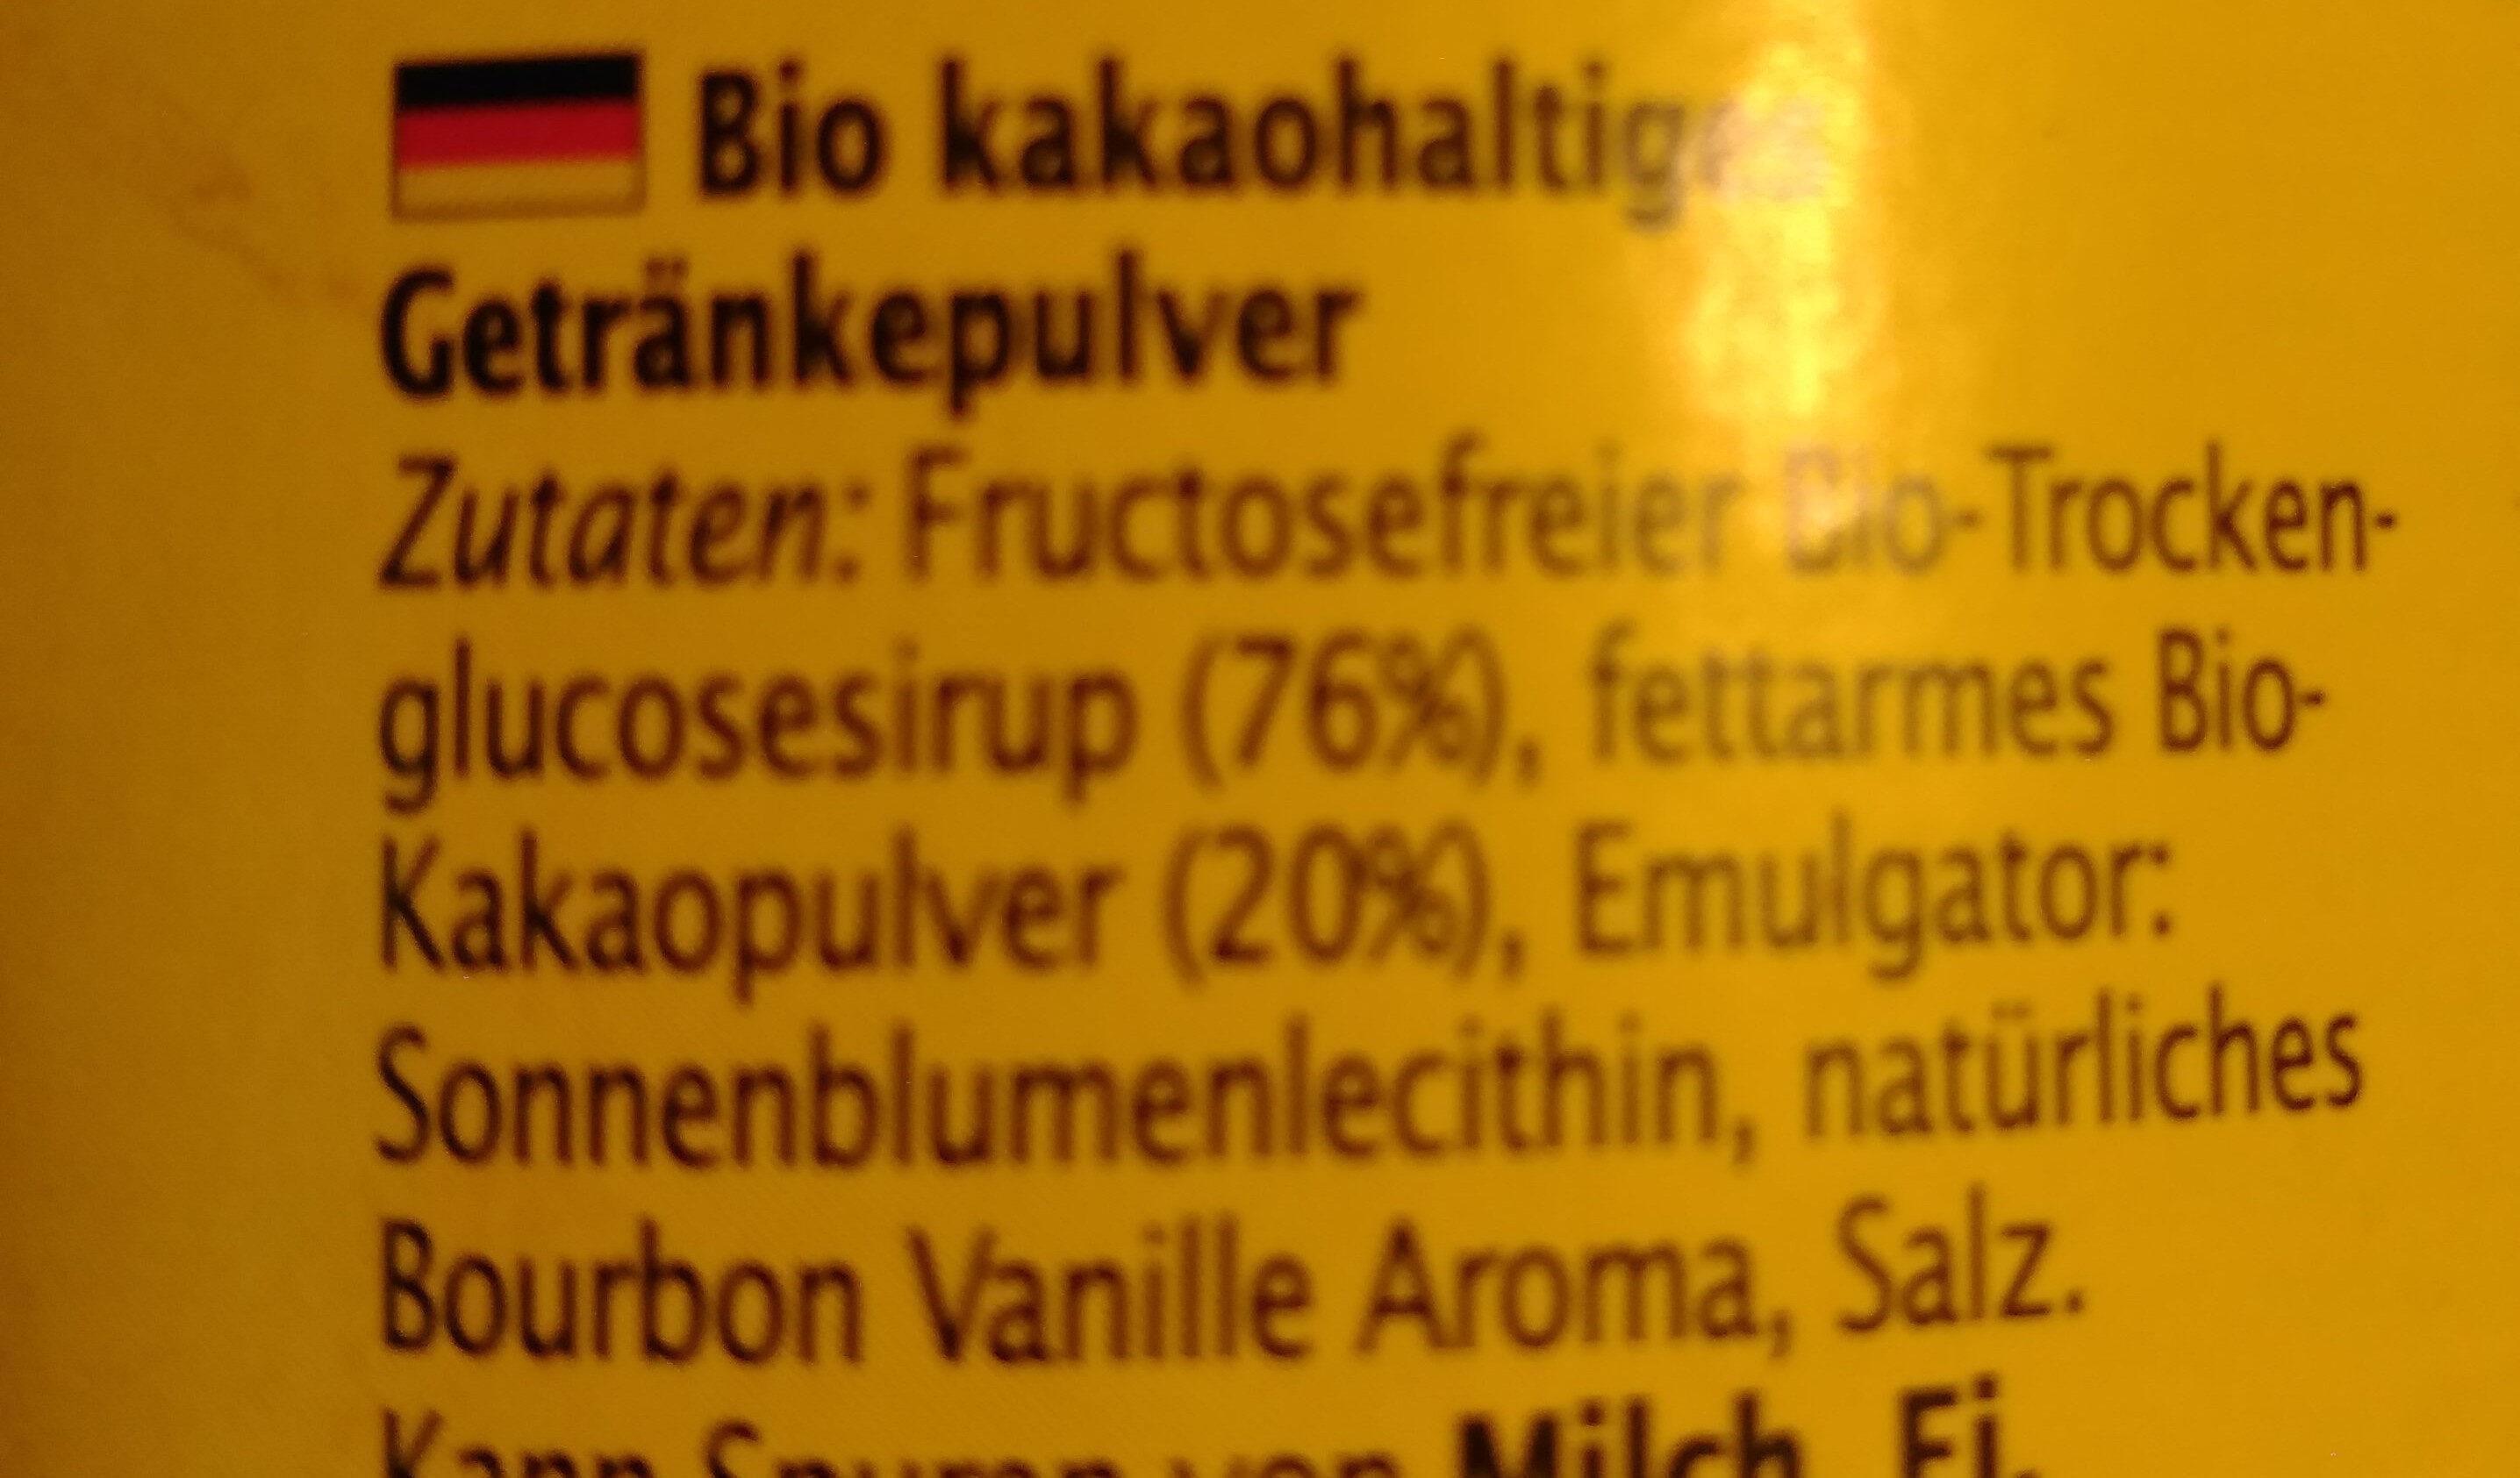 Bio kakaohaltiges Getränkepulver - Ingredients